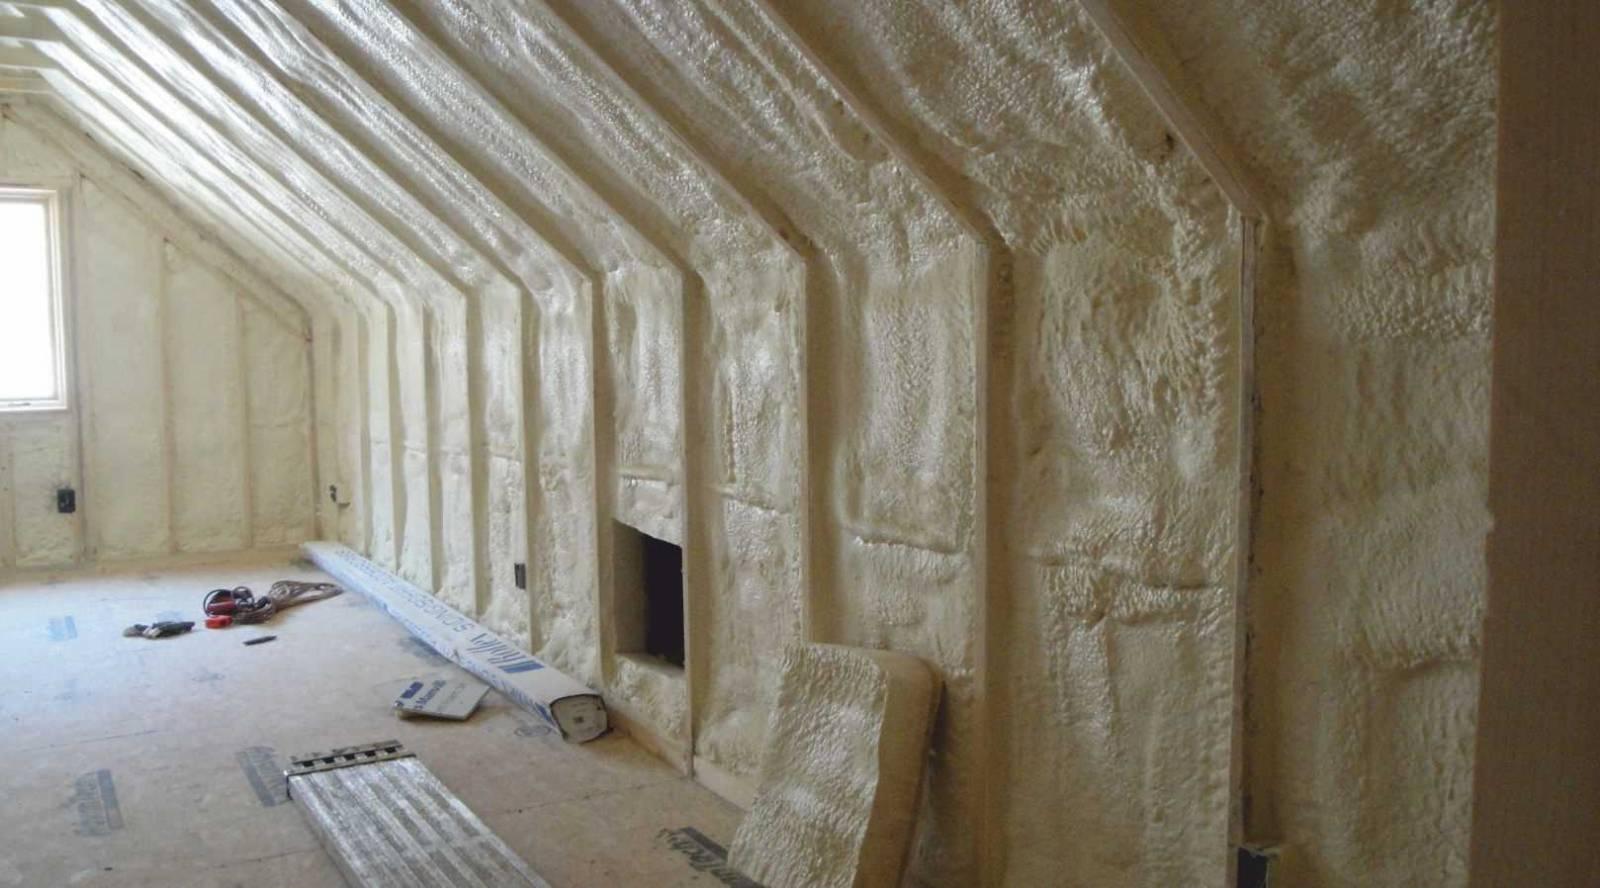 Утепление пенополиуретаном: отзывы. утепление пенополиуретаном мансарды, крыши или стен дома